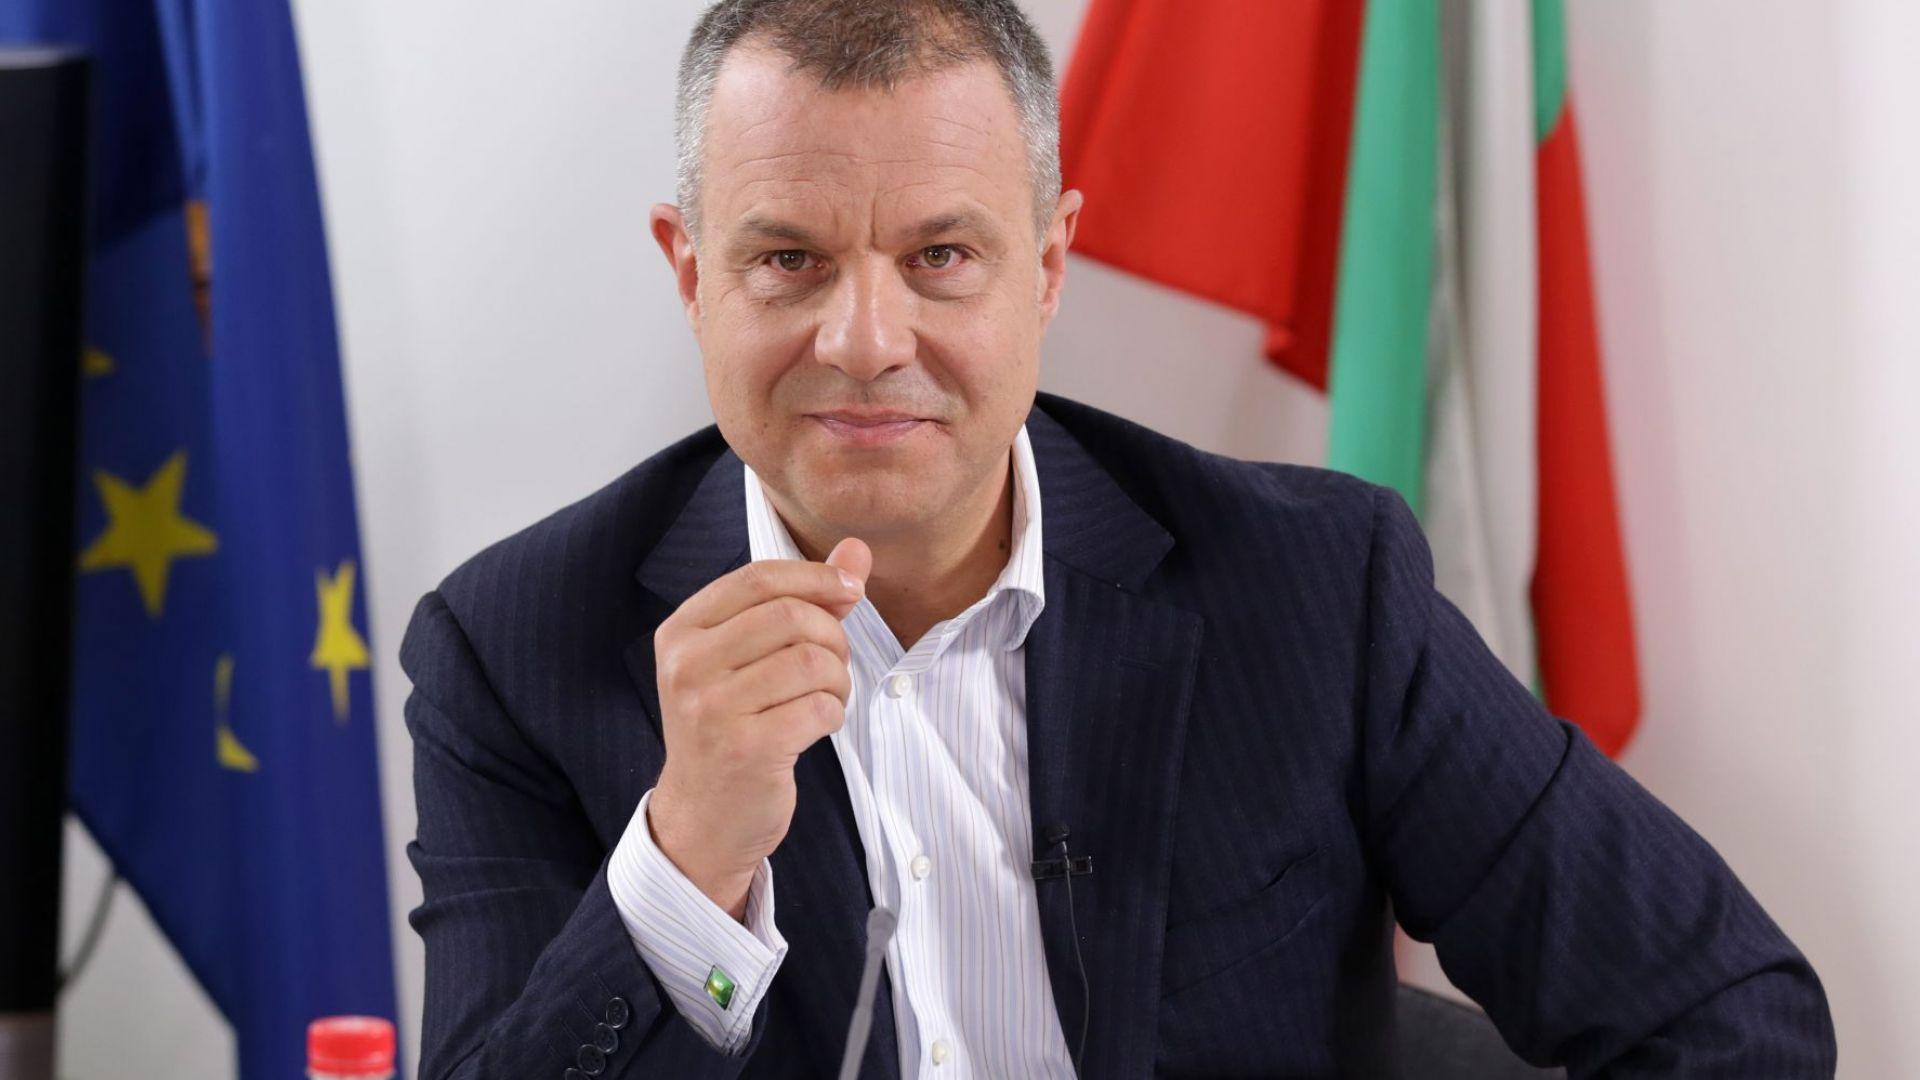 Емил Кошлуков пред СЕМ: Има серия нарушения на Горан Благоев, дори договор с жена му